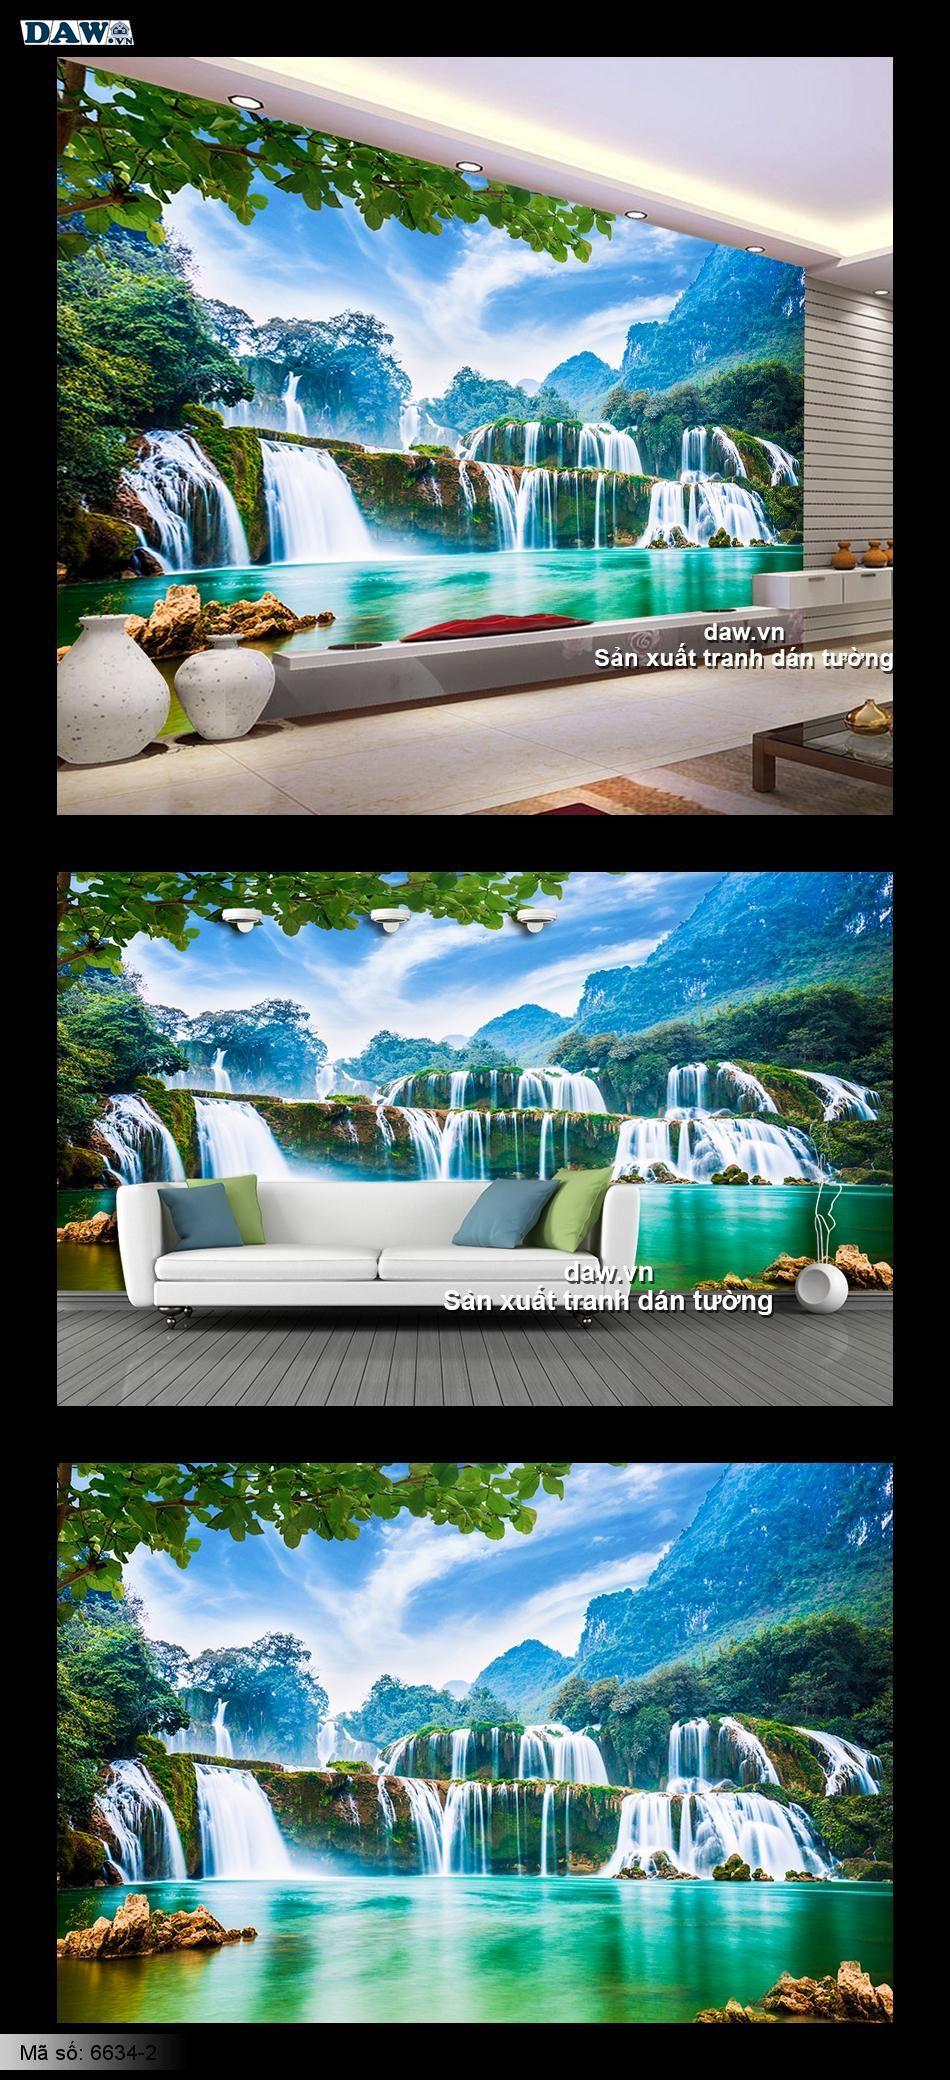 Tranh dán tường phong cảnh, thiên nhiên phong cảnh đẹp, tạo không gian rộng rãi, tạo chiều sâu